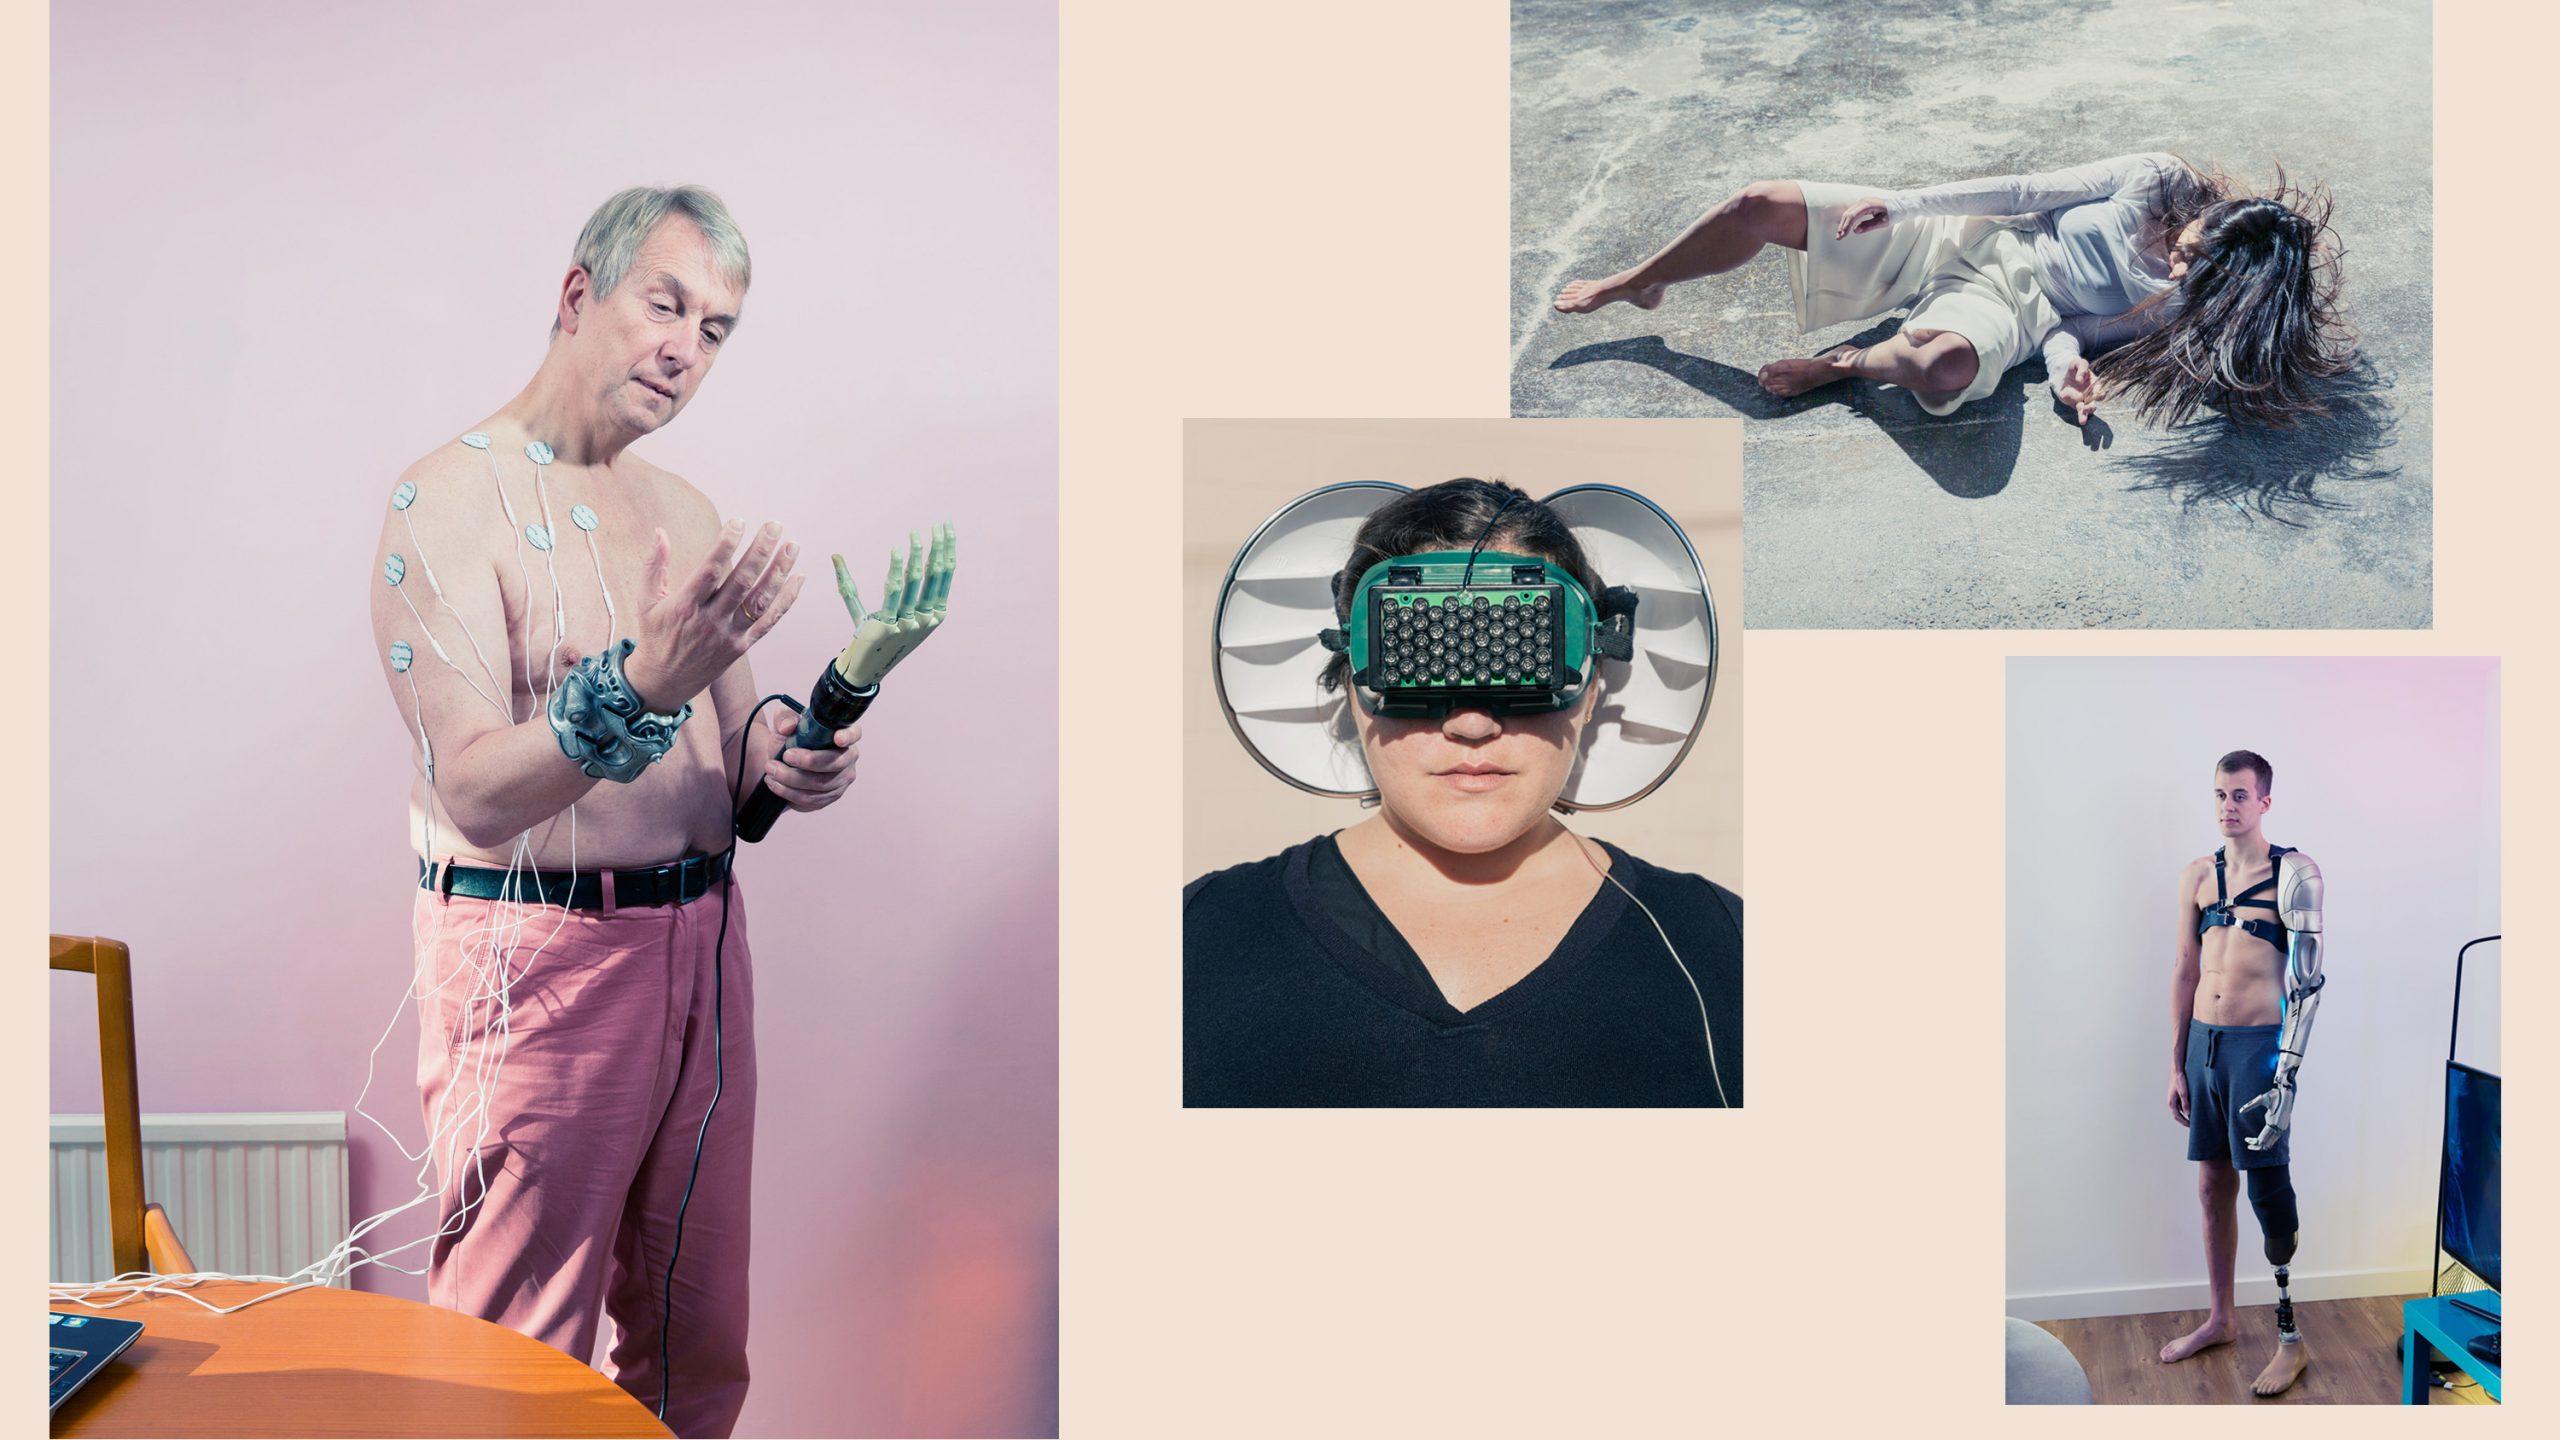 身体改造に魅せられた写真家が捉えたトランスヒューマニストたち